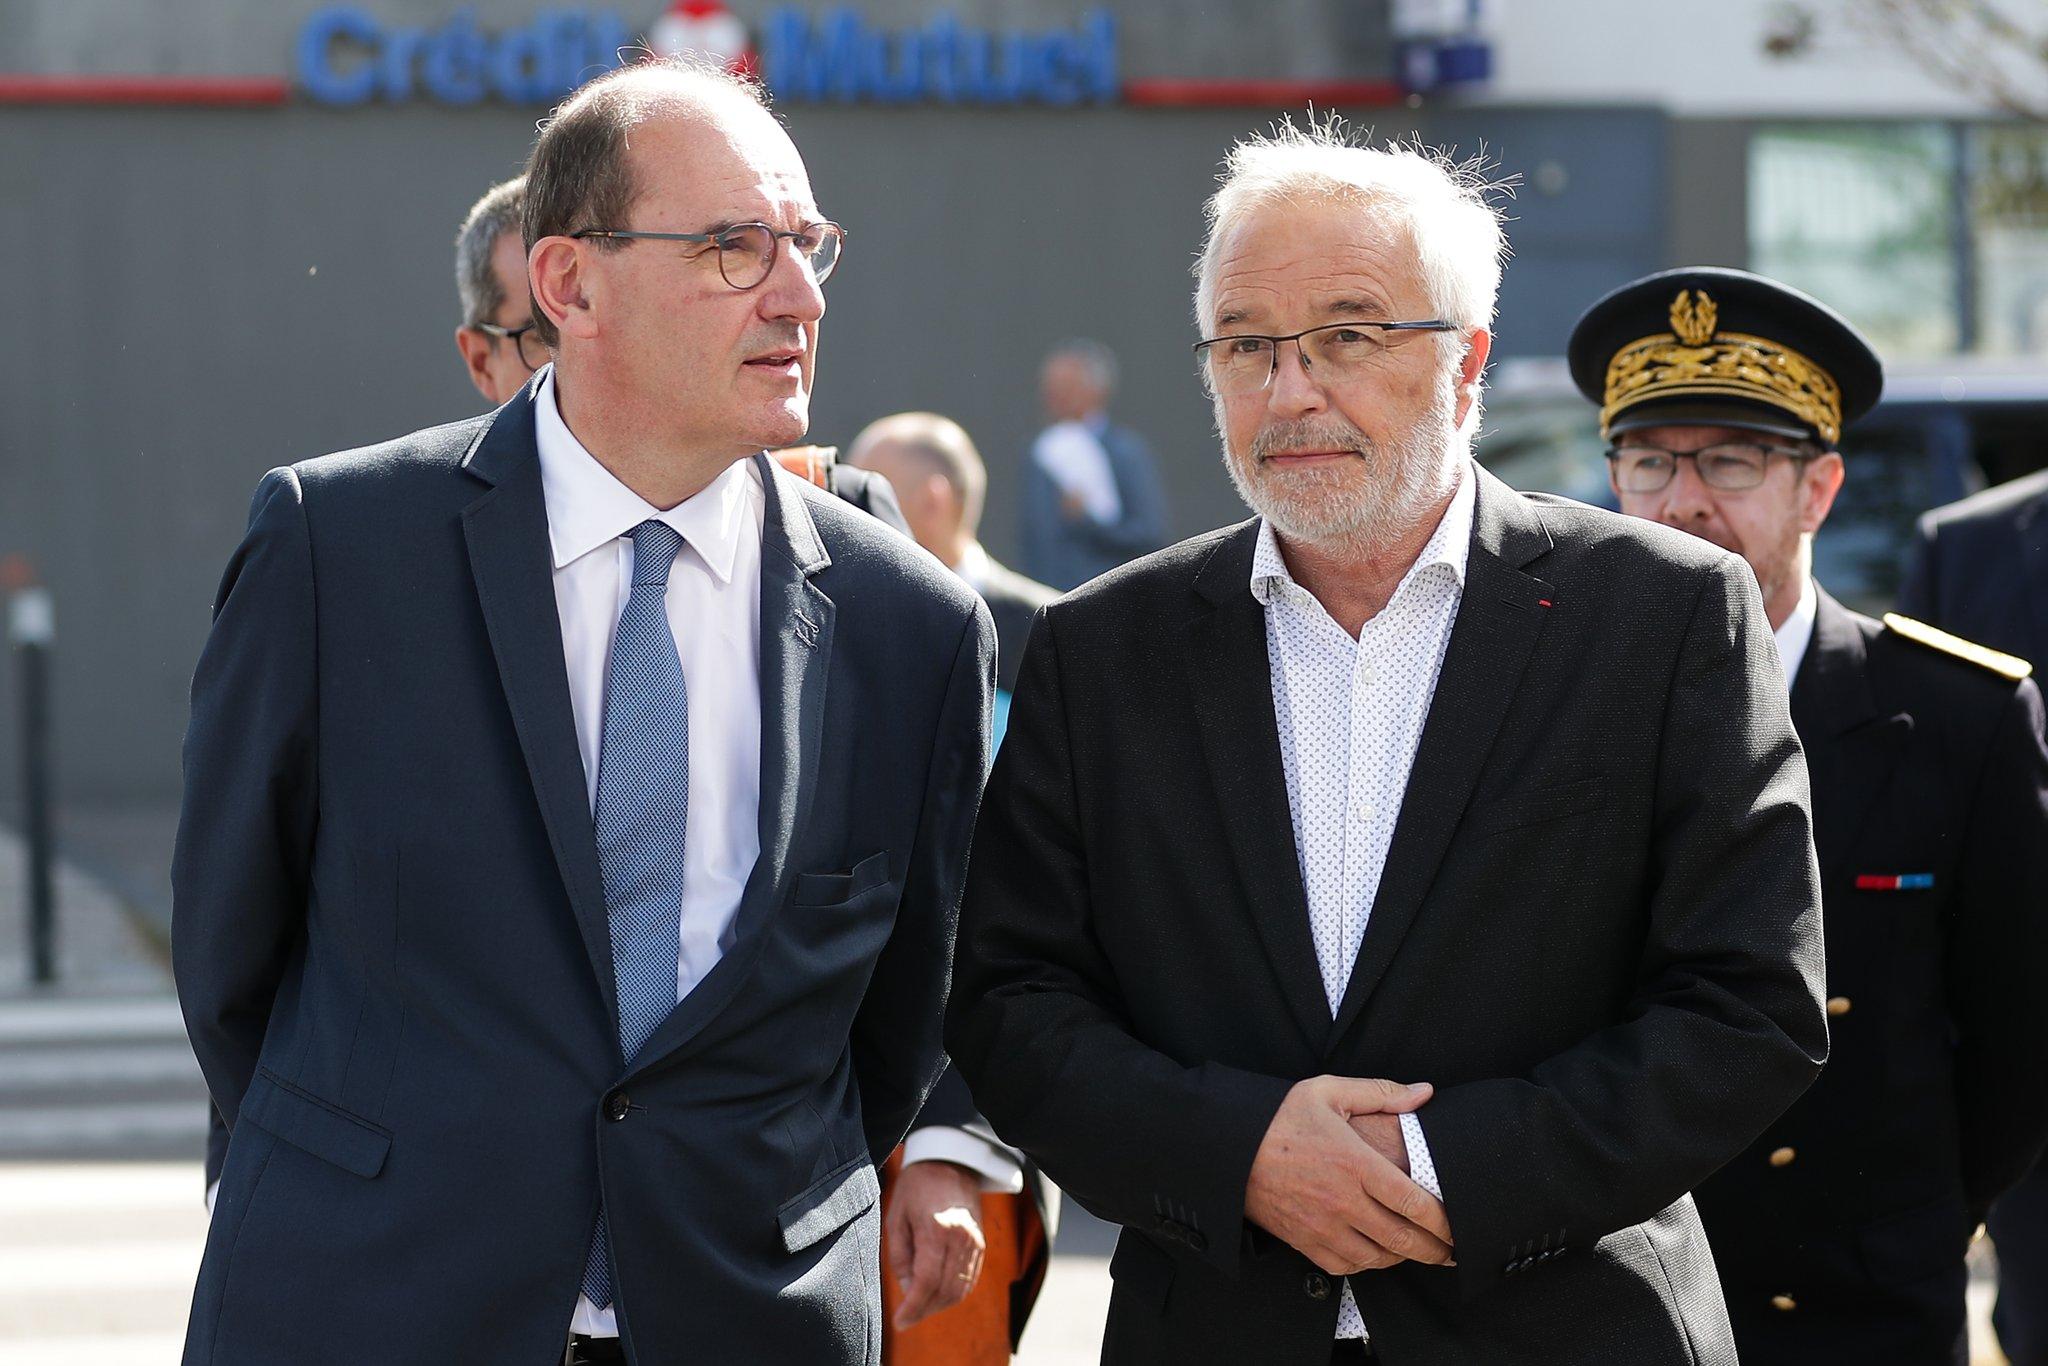 """Une semaine après sa prise de fonction à Matignon, Jean Castex a voulu peaufiner sa stature d'homme à poigne en se rendant vendredi à Dijon, théâtre d'affrontements il y a un mois, où il a délivré des messages de """"grande fermeté""""."""